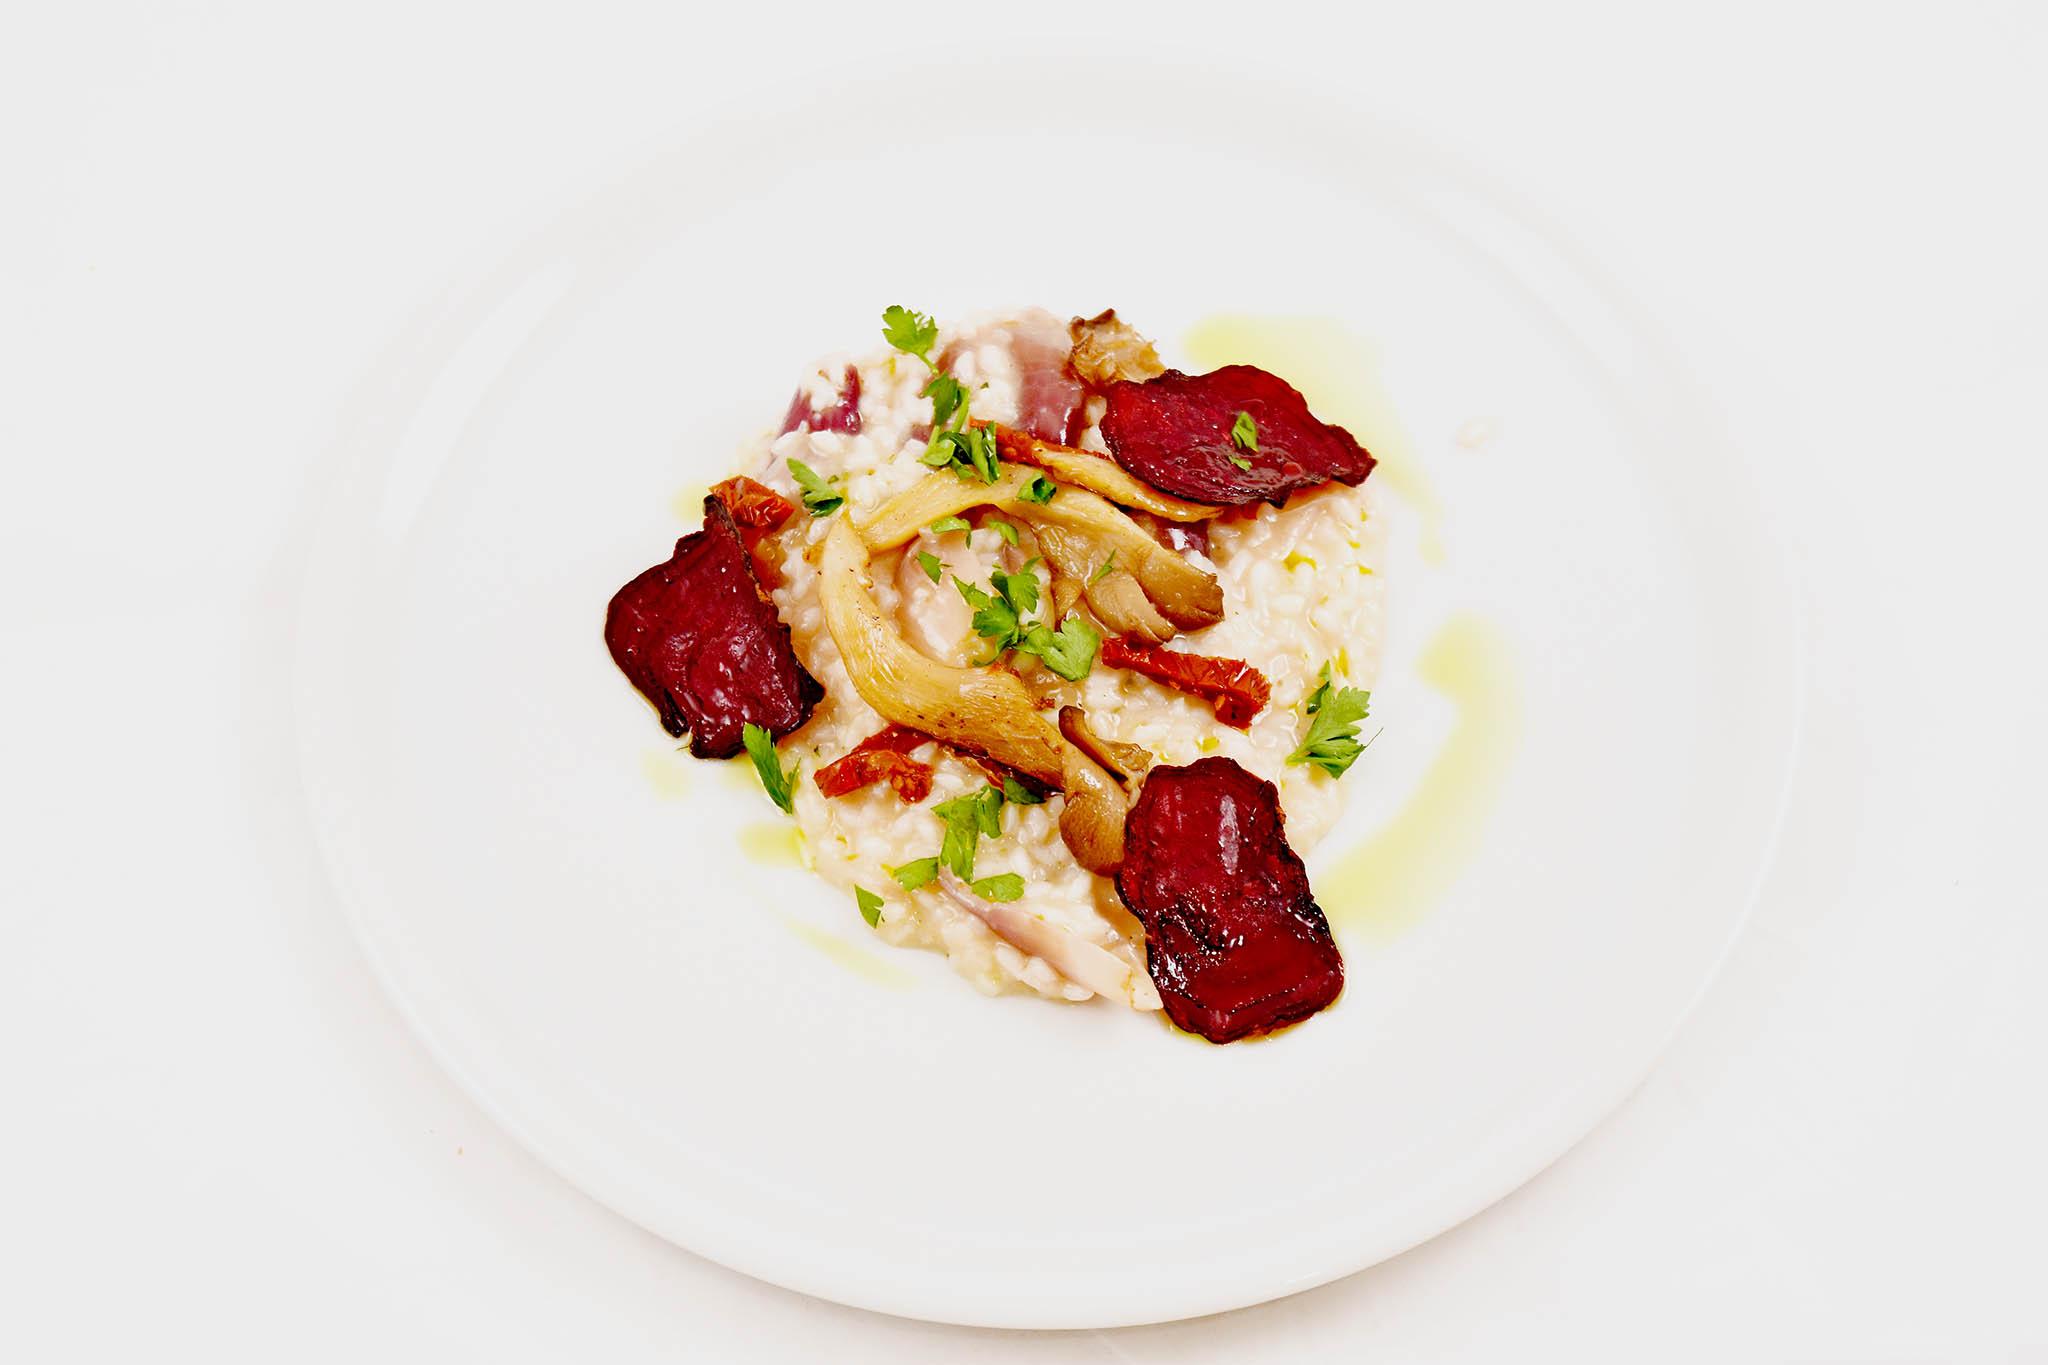 Jednou ze specialit podávaných na plošině bude risotto s marmeládou z pečené červené cibule, s houbami shiitake a červenou řepou.